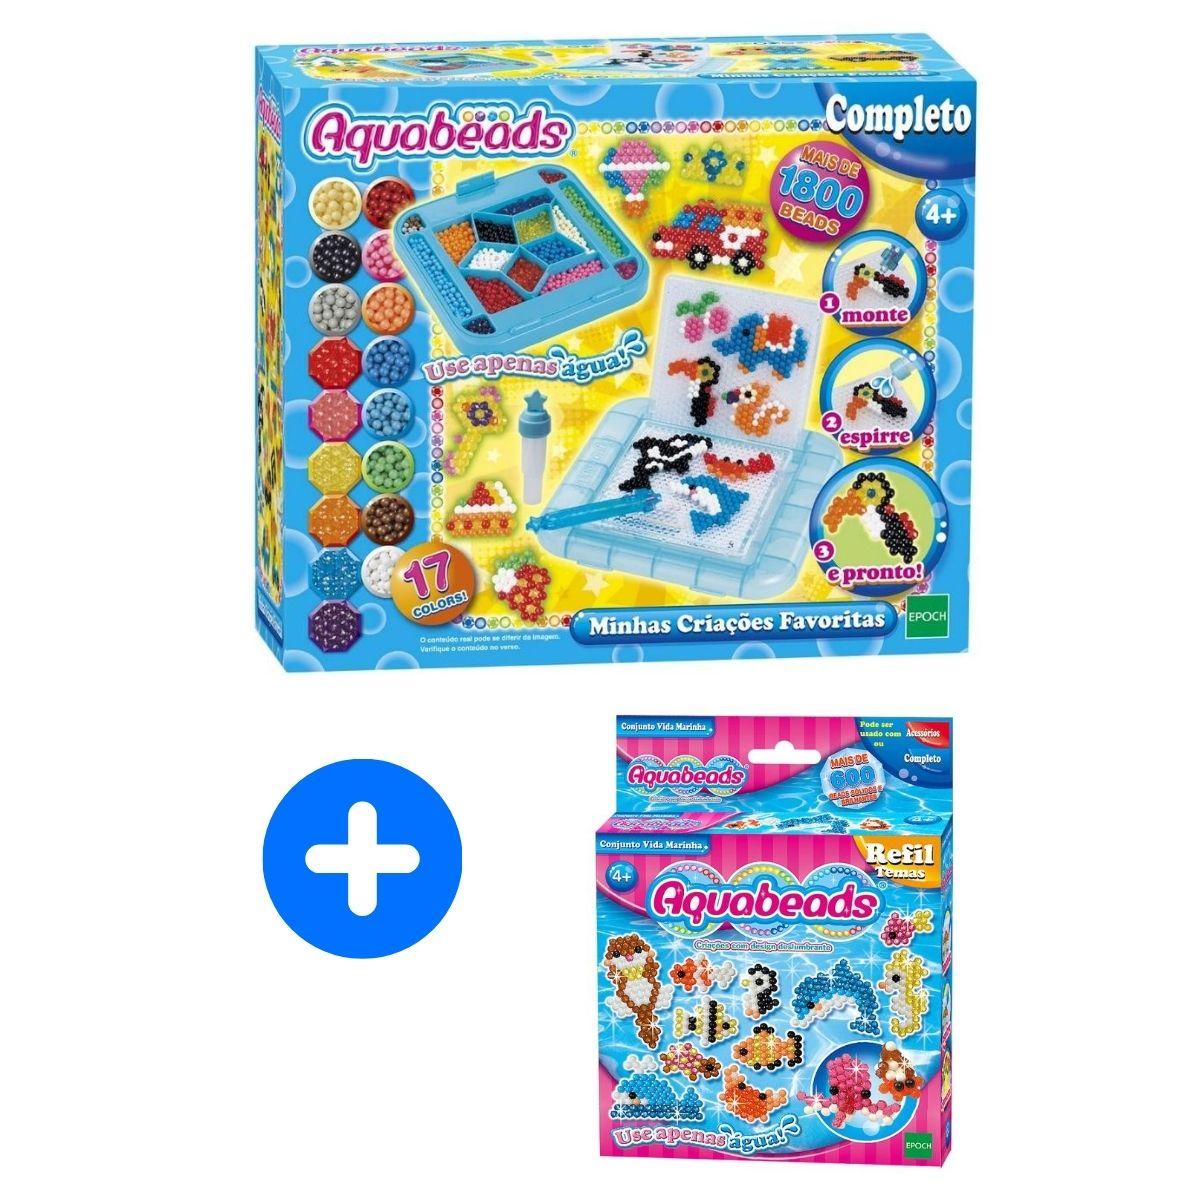 Kit Aquabeads Minhas Criações Favoritas + Refil Vida Marinha  - Game Land Brinquedos